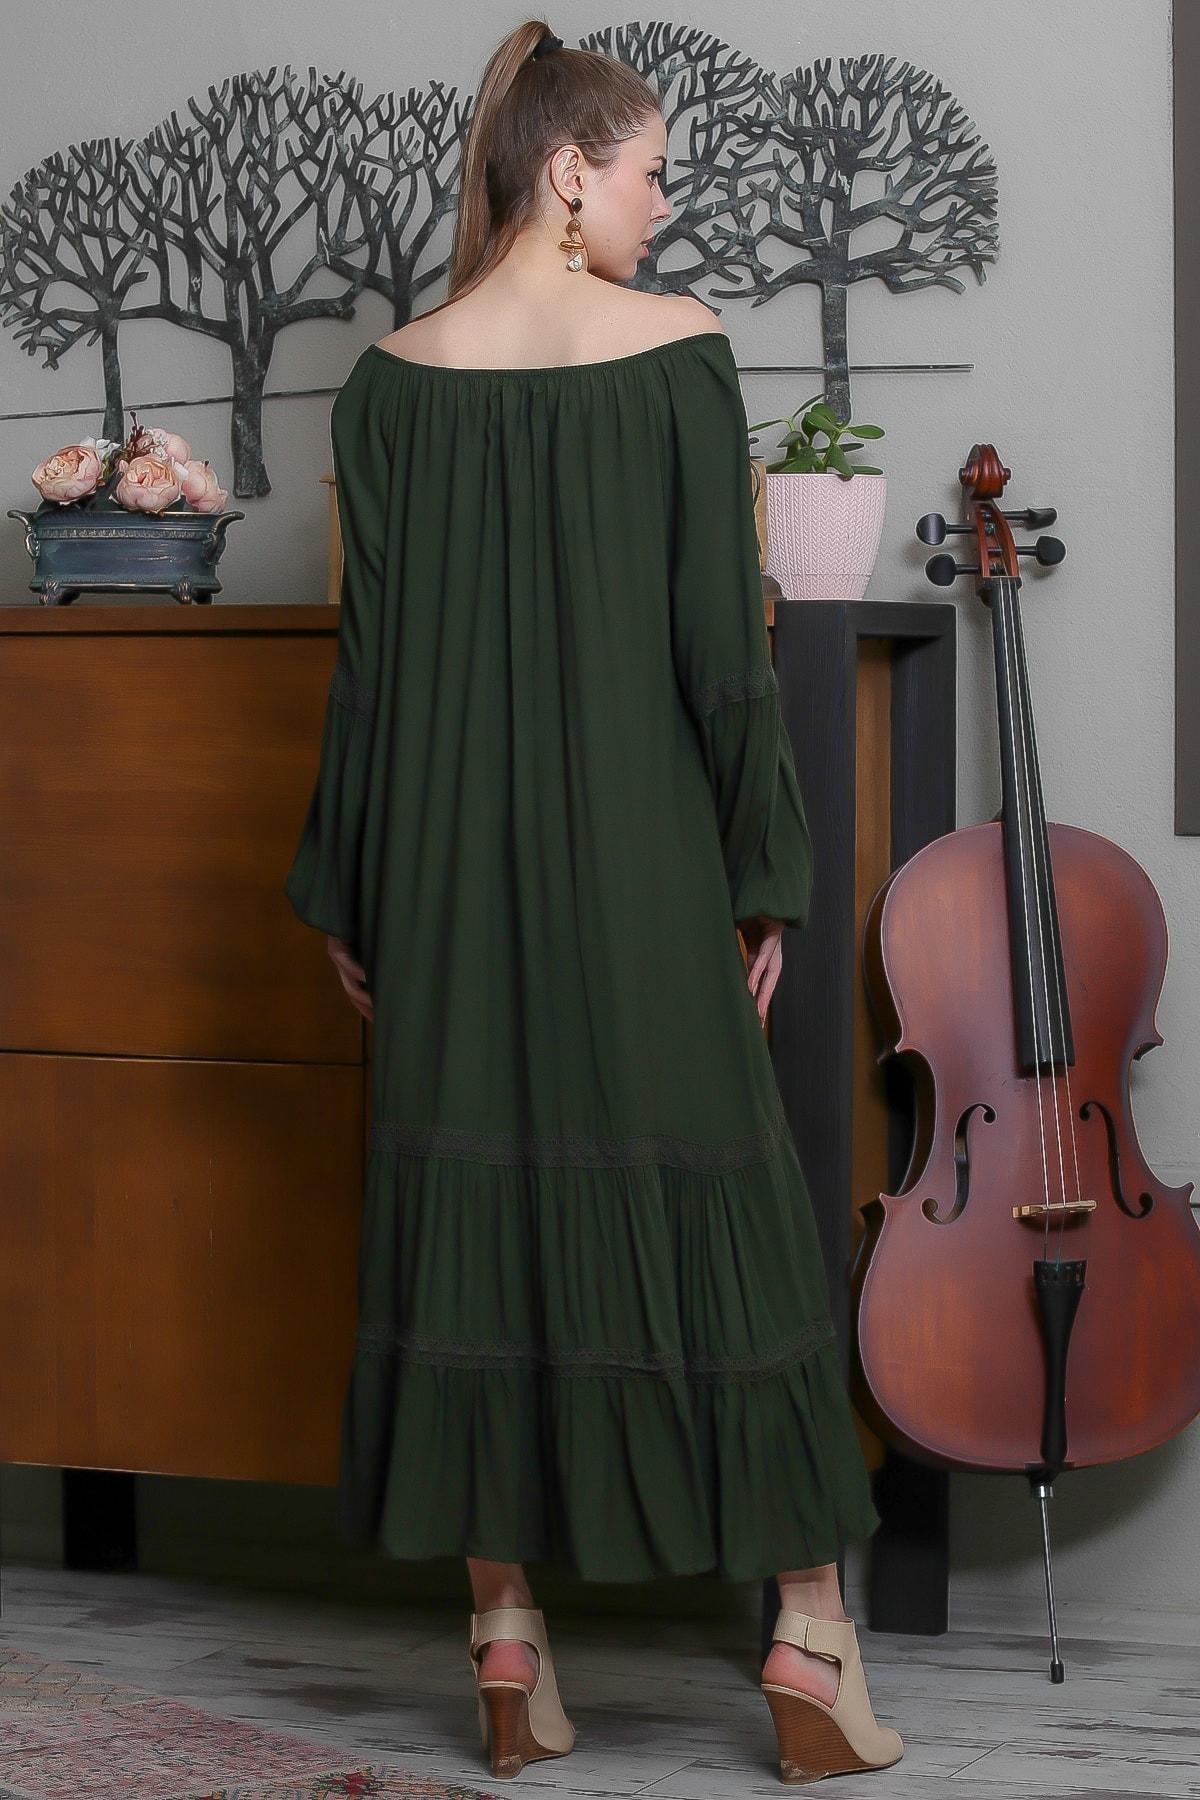 Chiccy Kadın Yeşil Carmen Yaka Püskül Bağcıklı Salaş Elbise M10160000EL95523 4